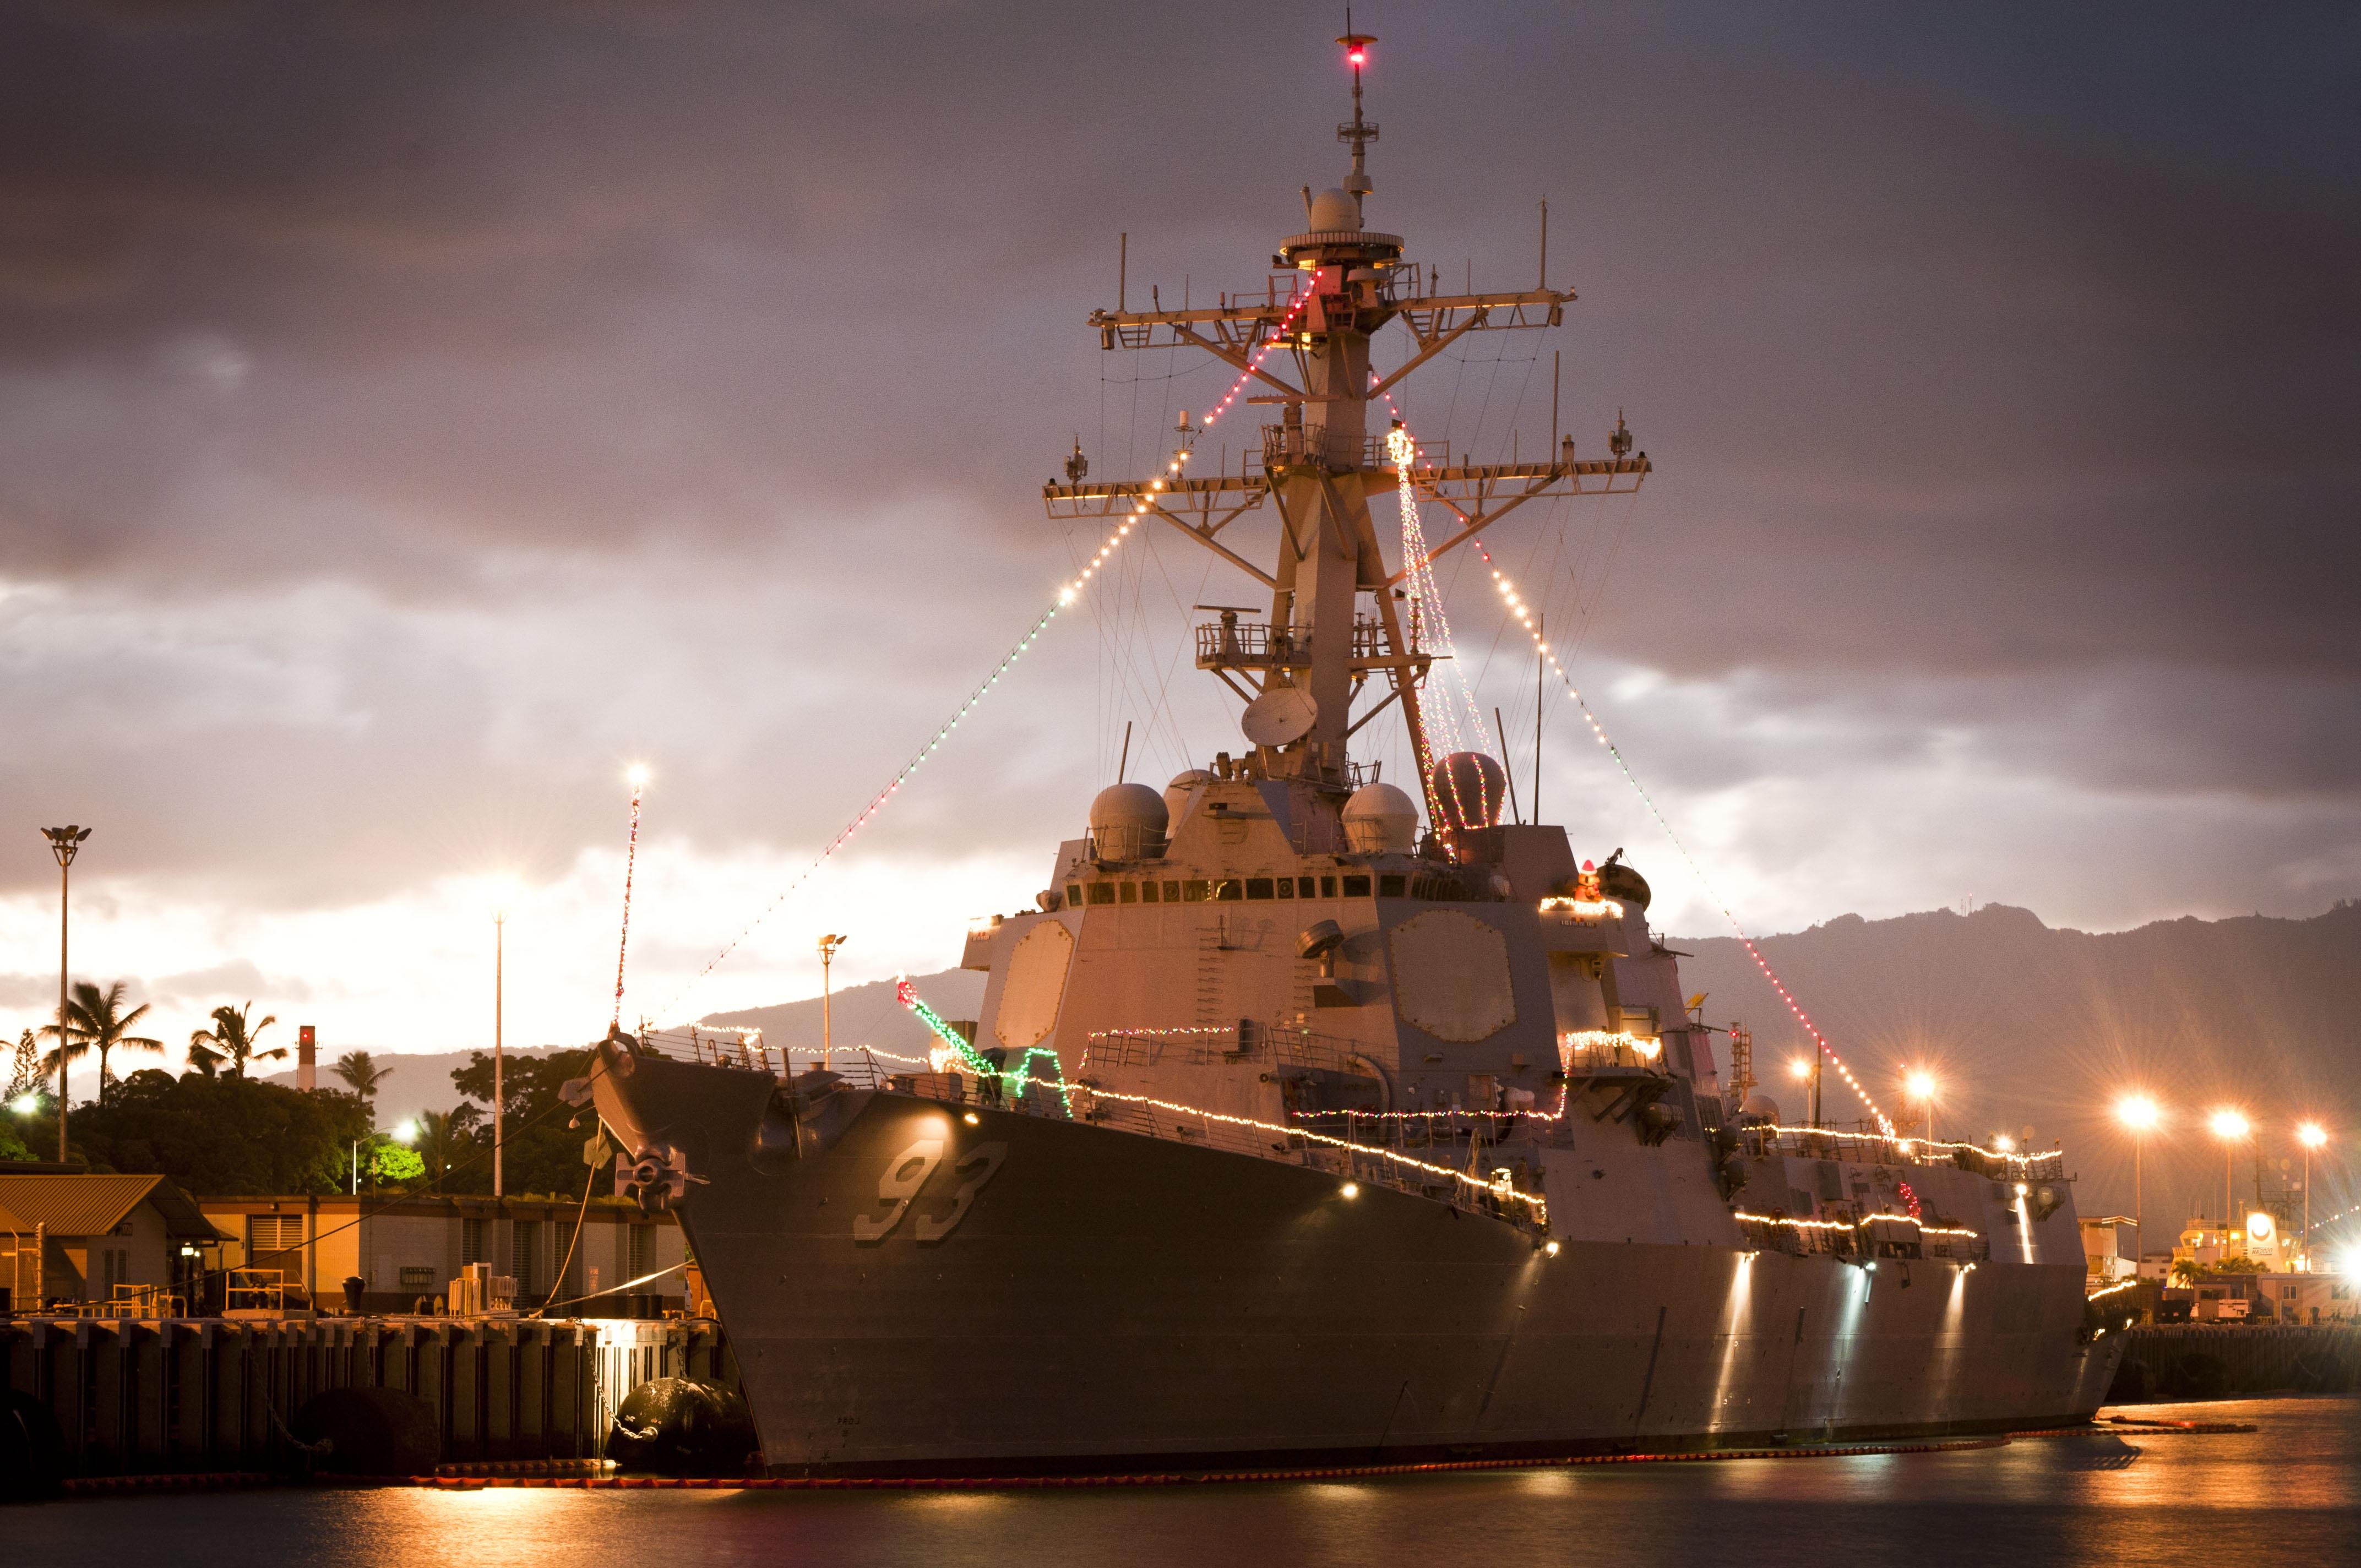 Cruise Ship, Boat, Cruise, Evening, Journey, HQ Photo